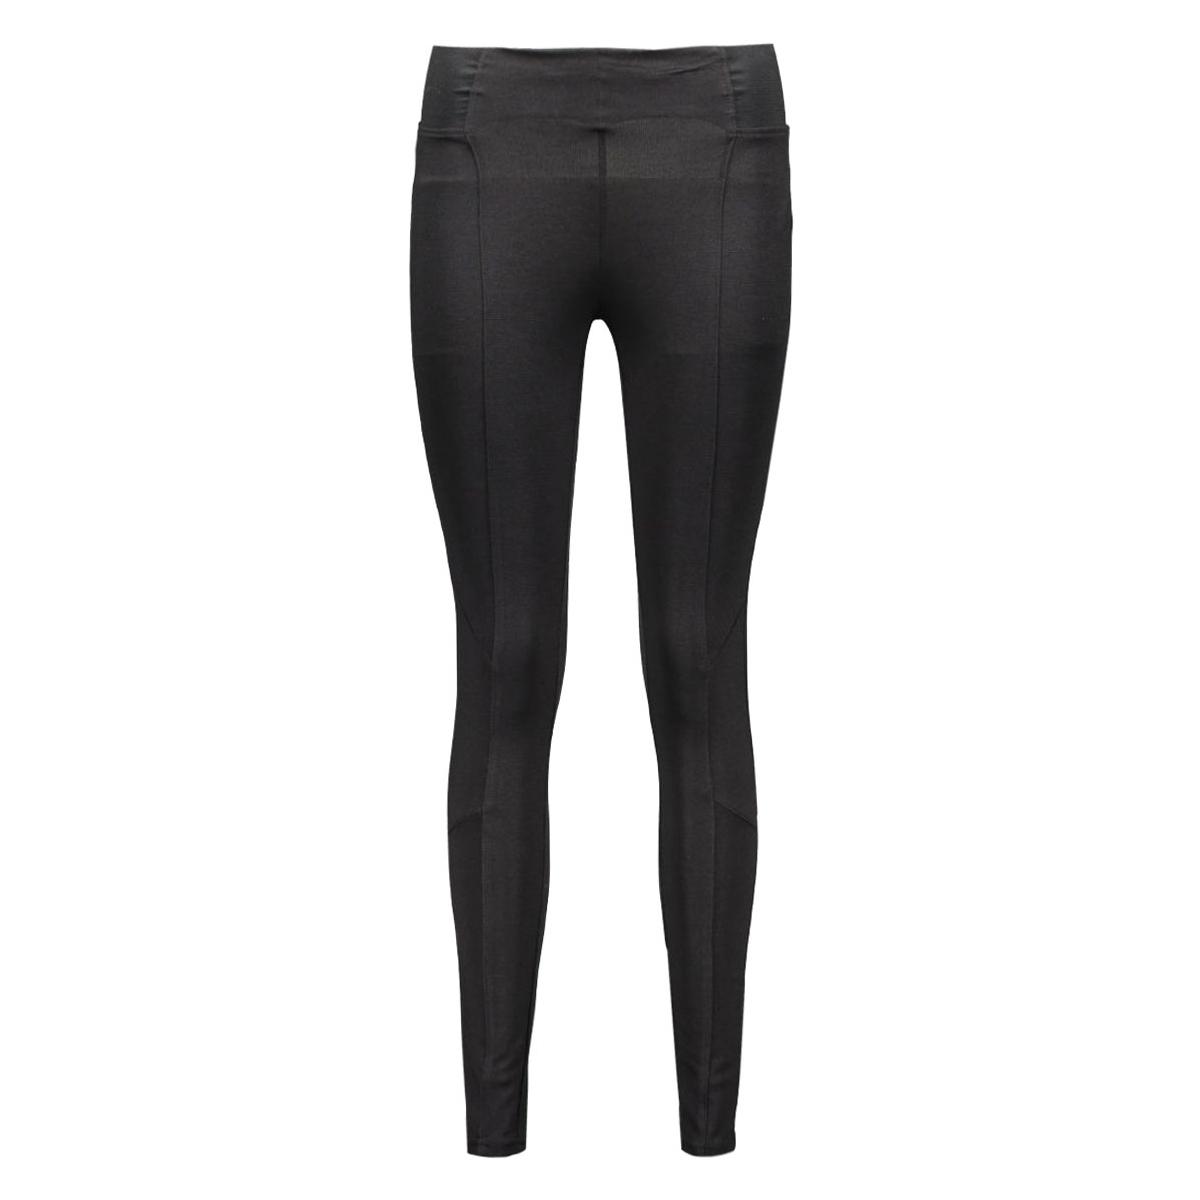 objhope mw leggings 86 .i 23022679 object legging black